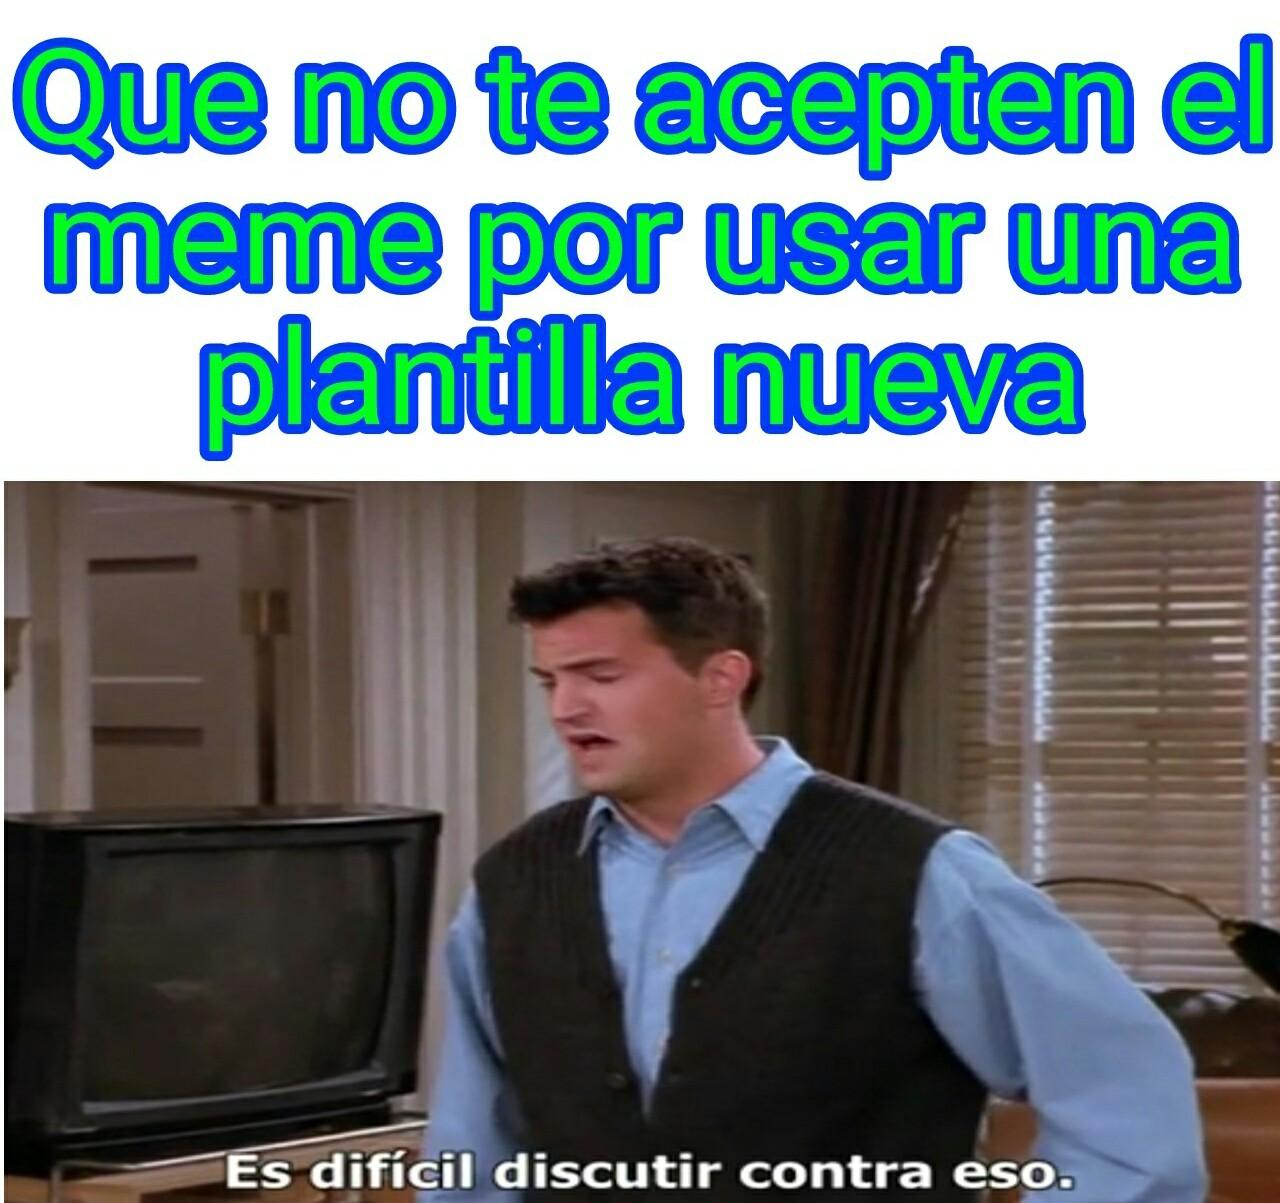 Es Imposible - meme